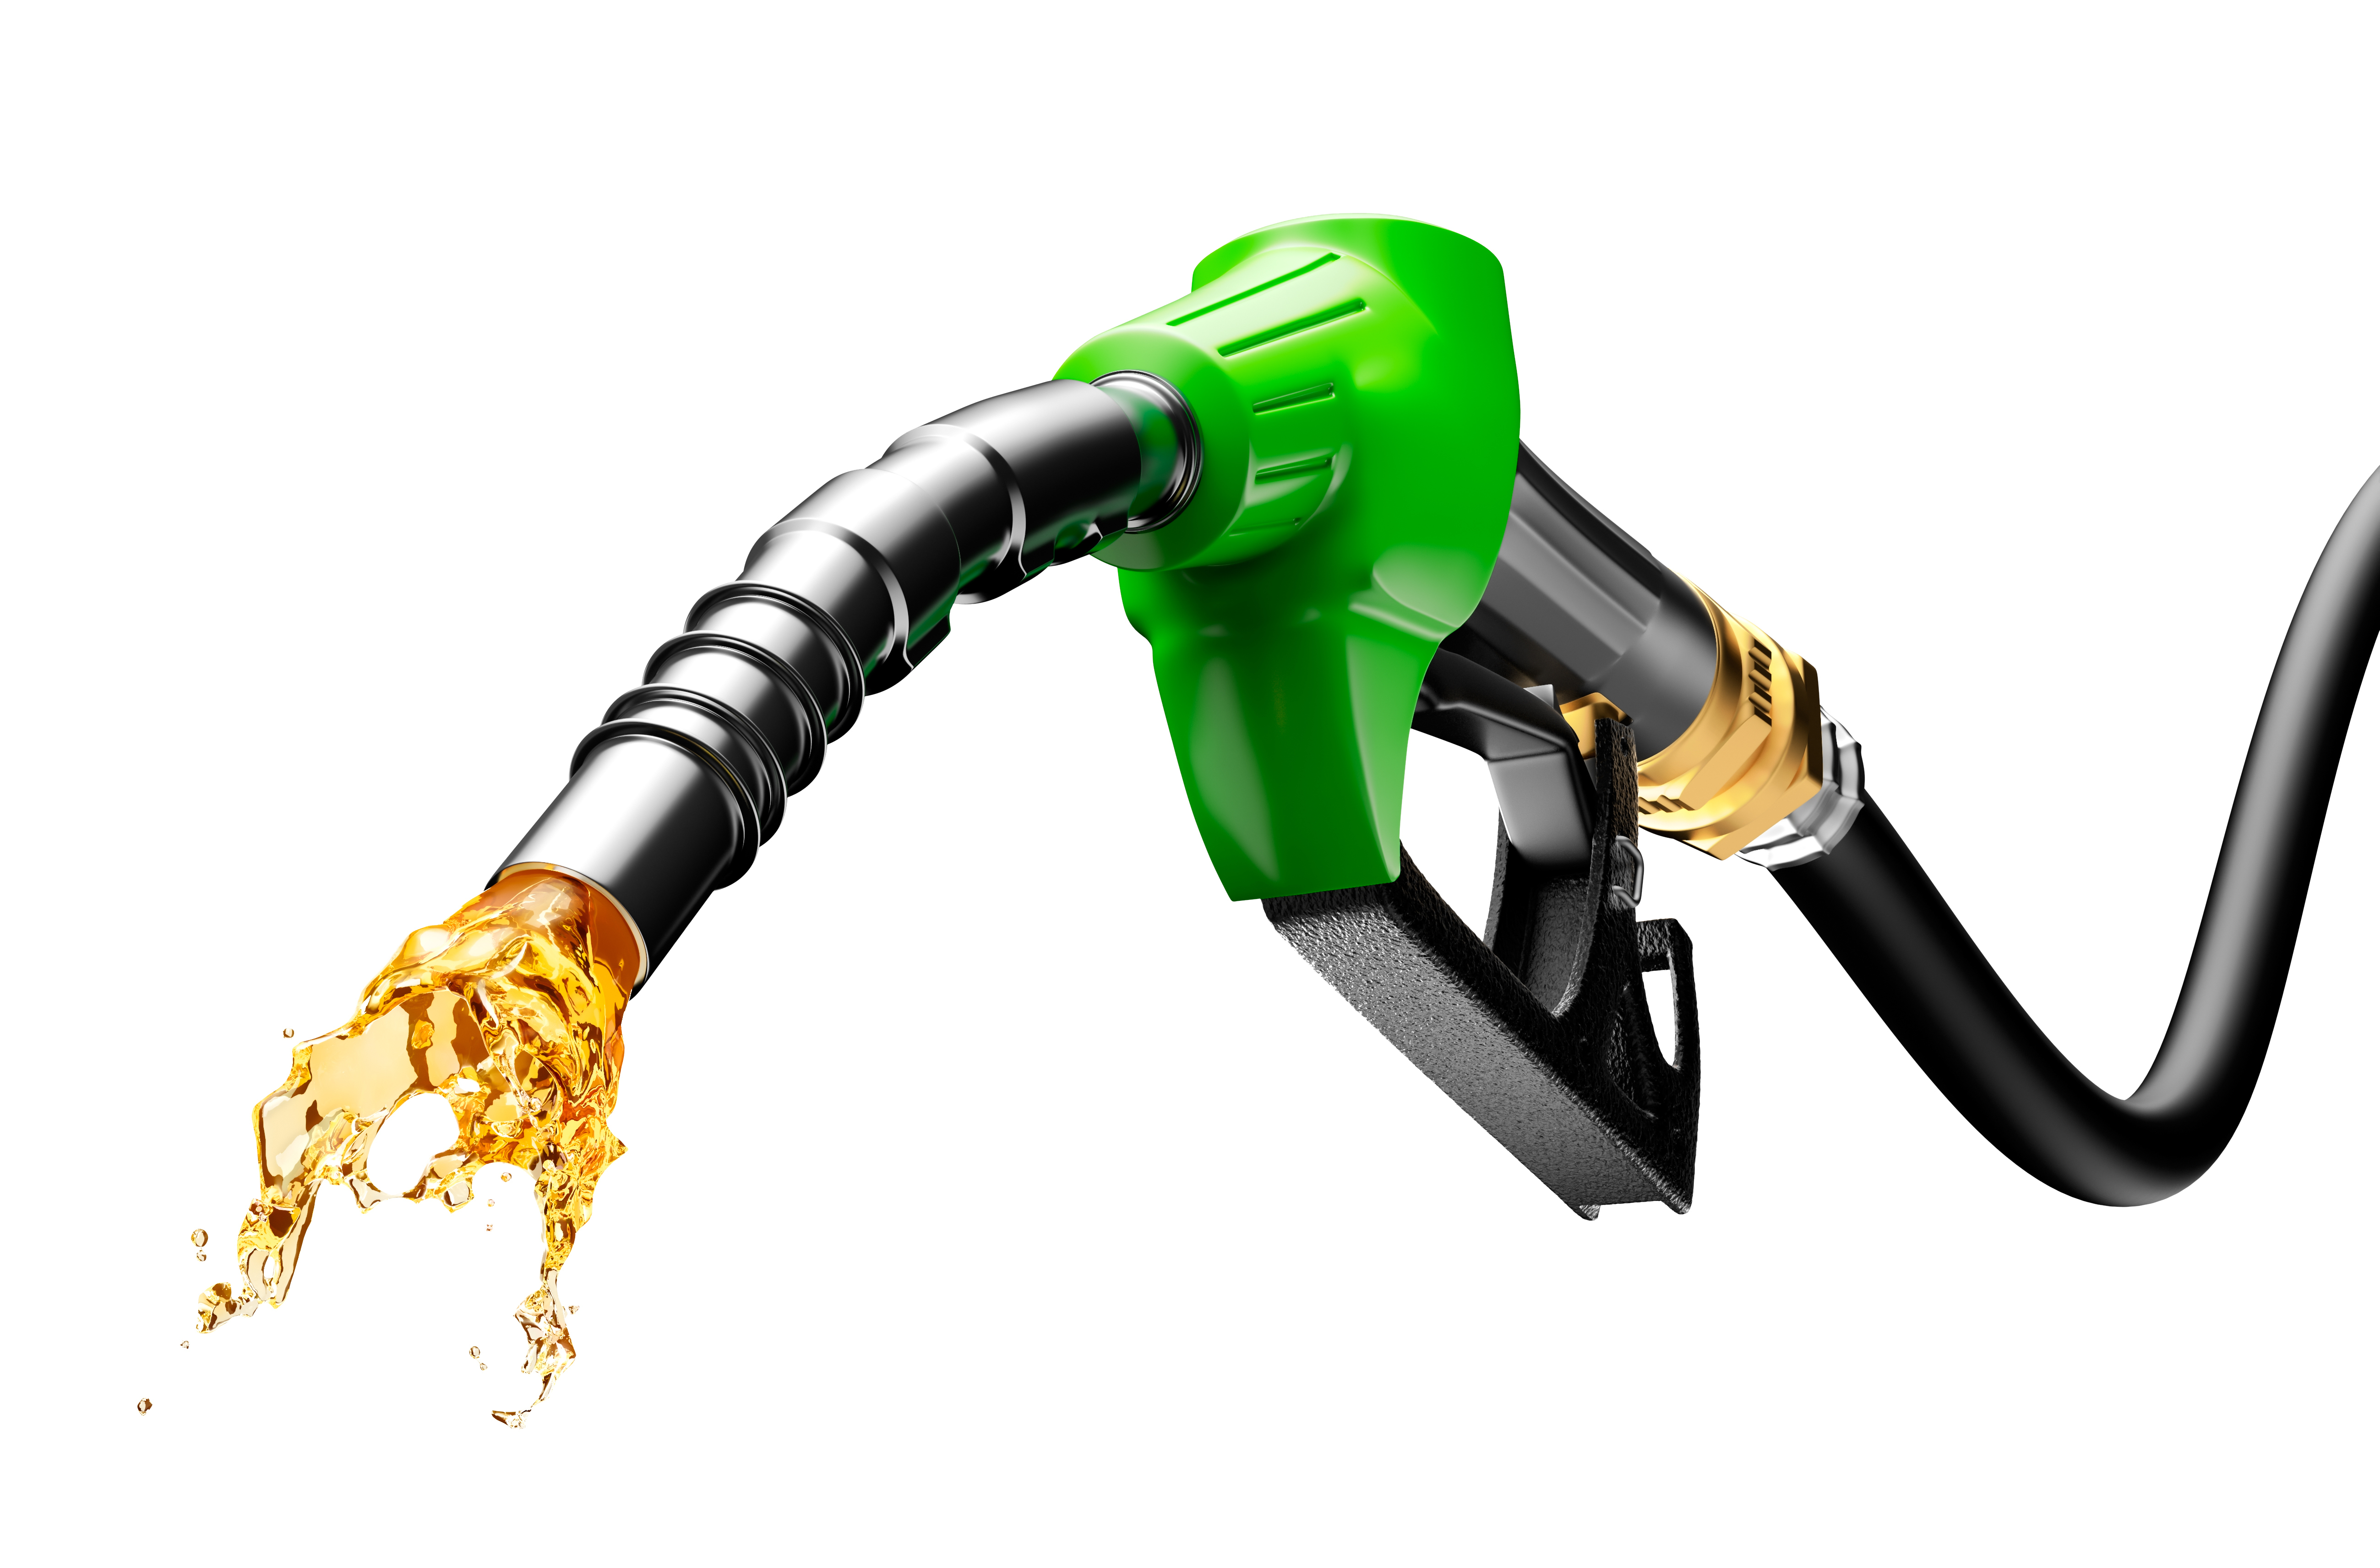 Светът днес се къпе в петрол, но това няма да е дълго